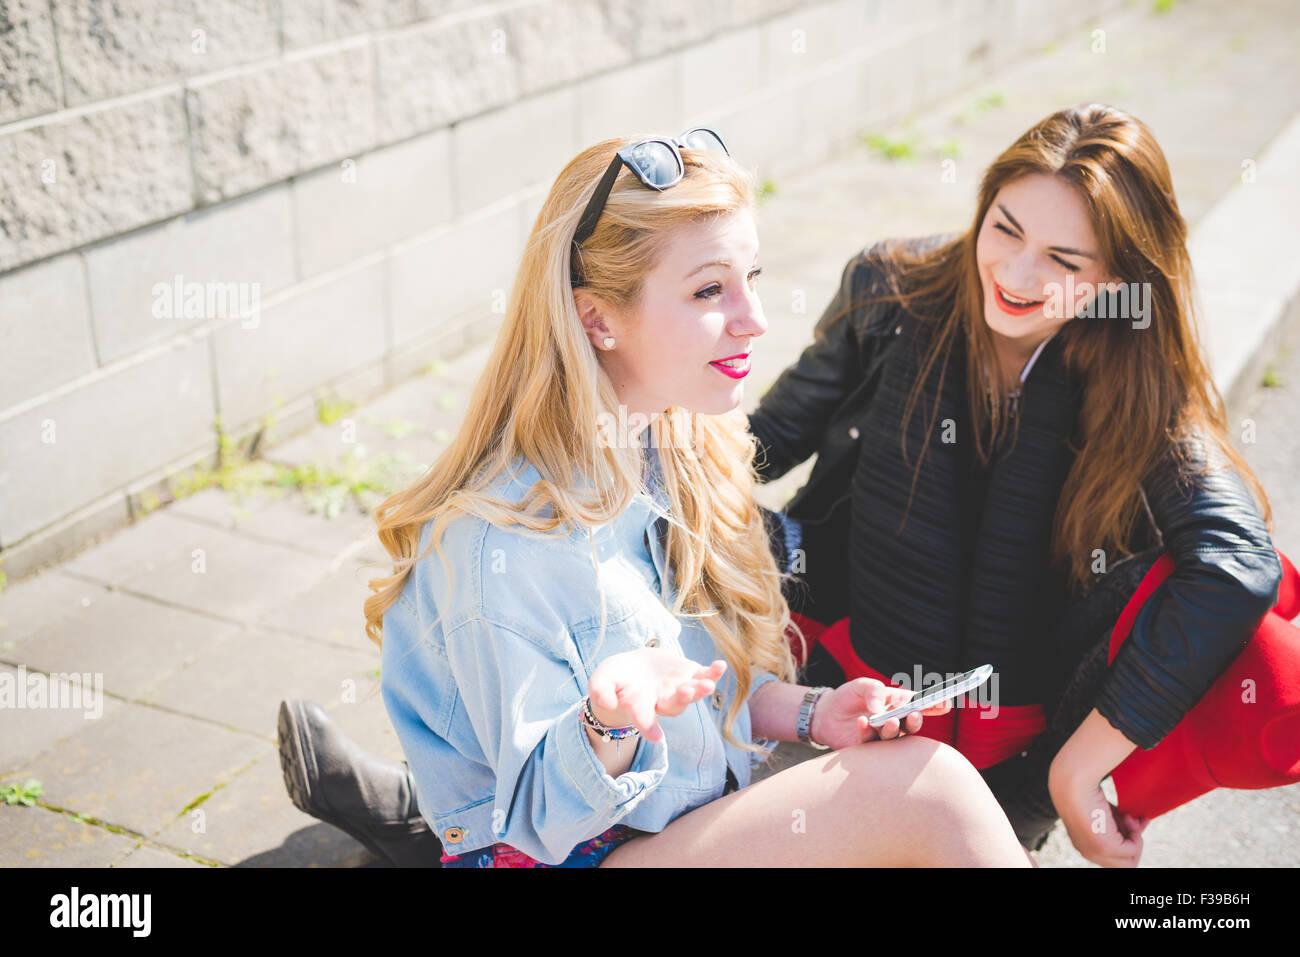 Due bellissime bionde e bruna amici seduti sul pavimento a chattare e  divertirsi utilizzando uno smartphone 01fcc89dbaf8